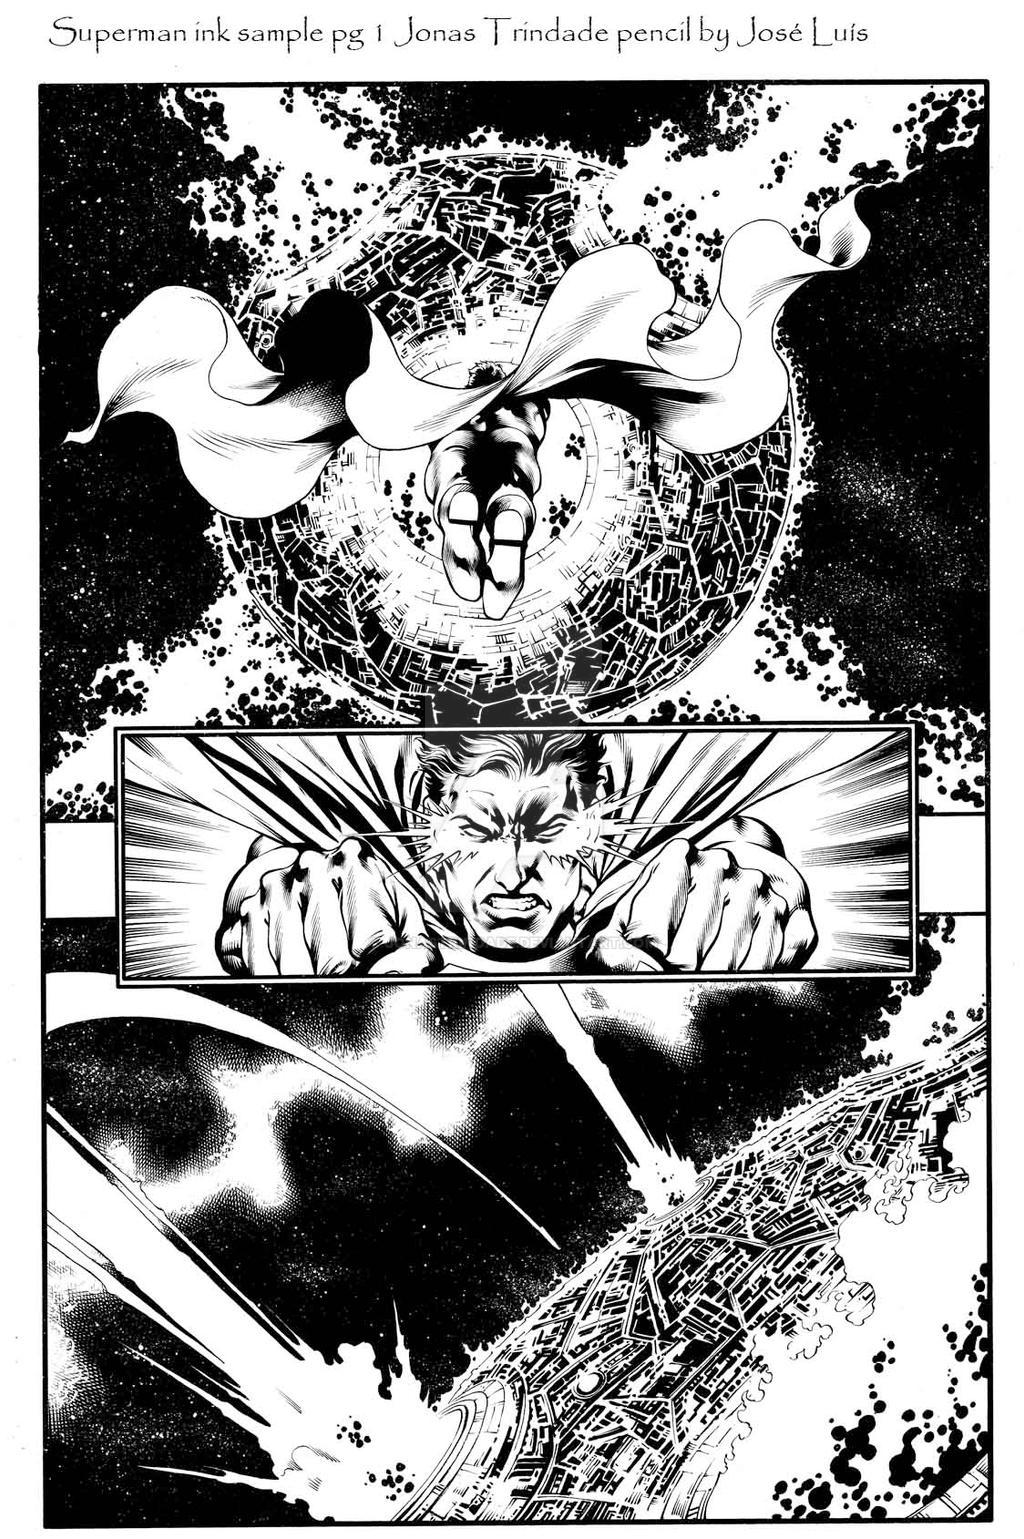 Superman ink sample pg 1 by JonasTrindade